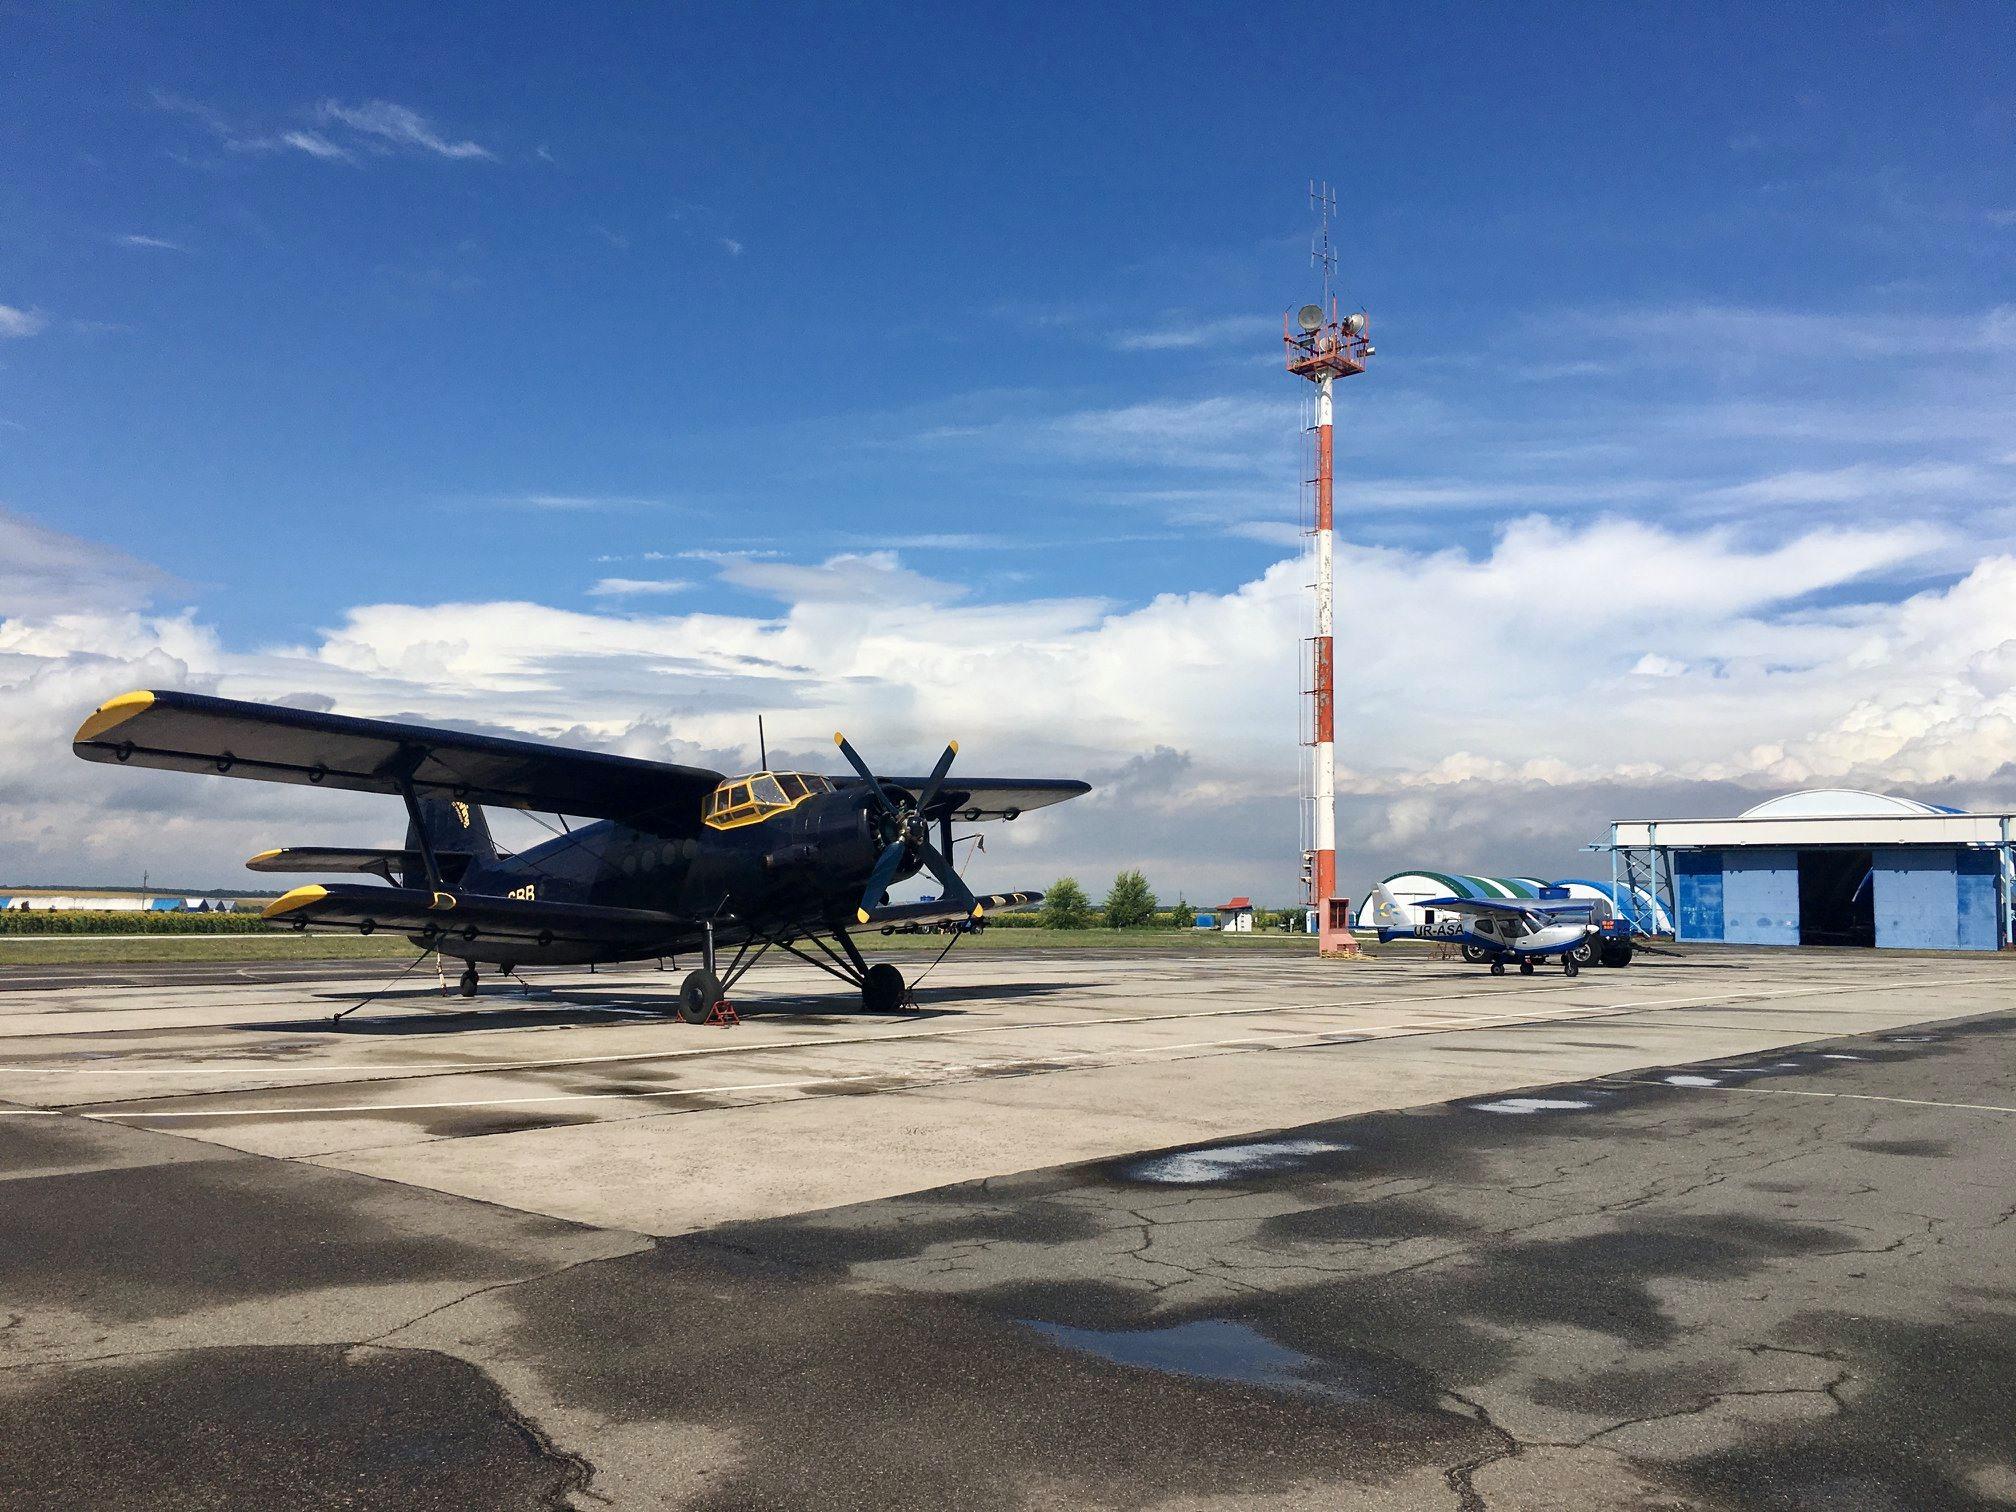 Где полетать в Днепре и области: самолёты, воздушные шары, прыжки с парашютом